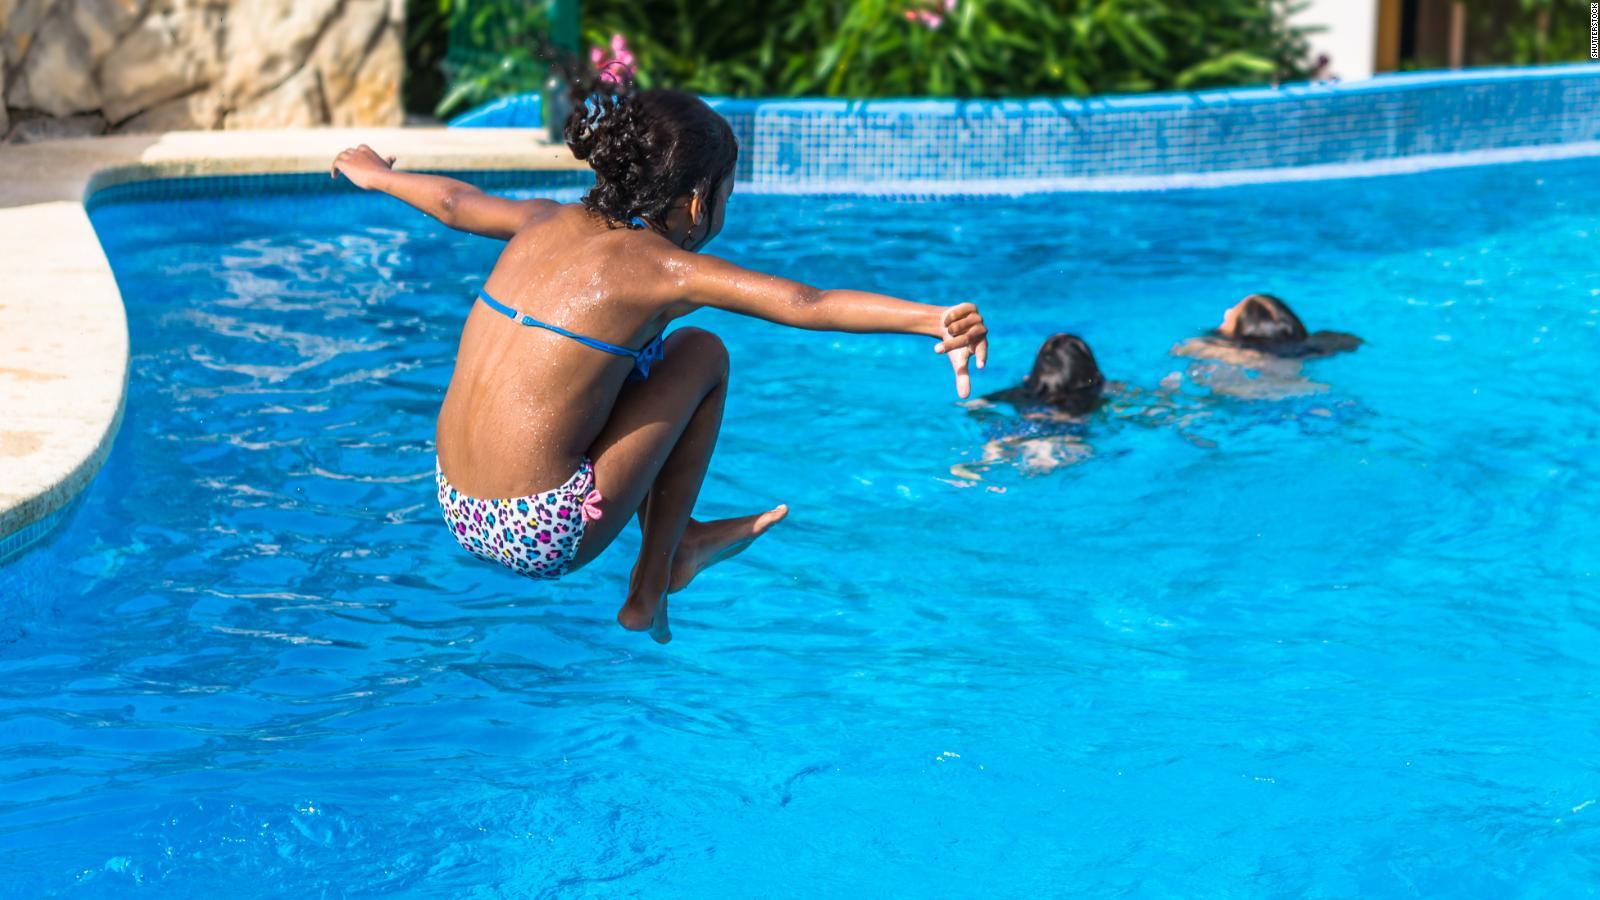 200521123321-children-backyard-pool-stock-full-169.jpg